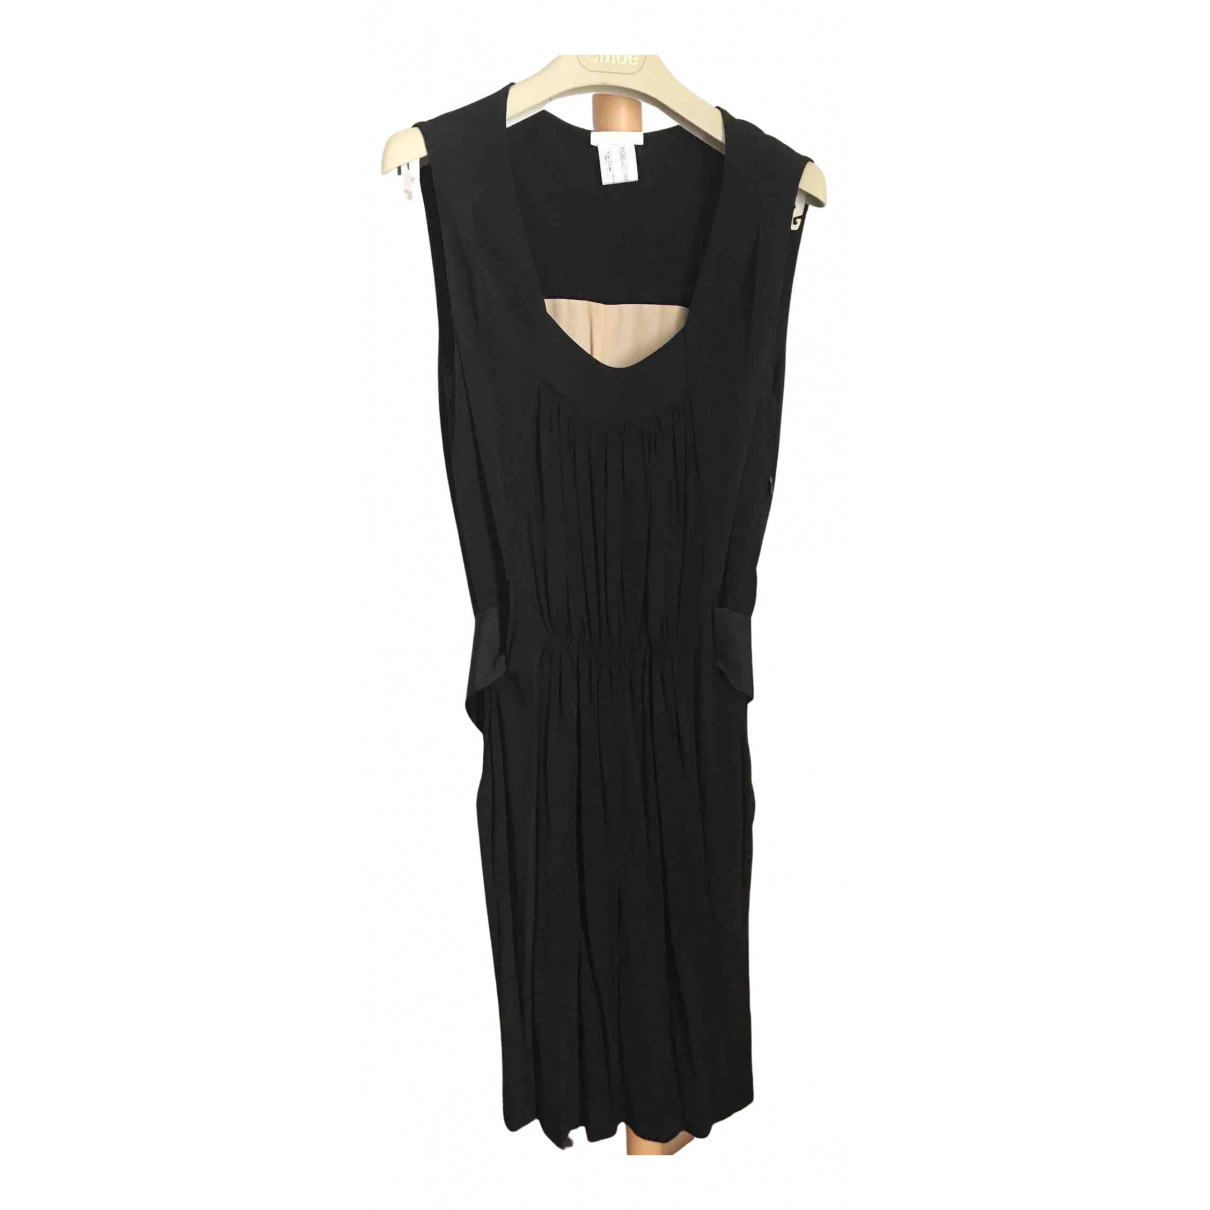 Chloé N Black dress for Women S International